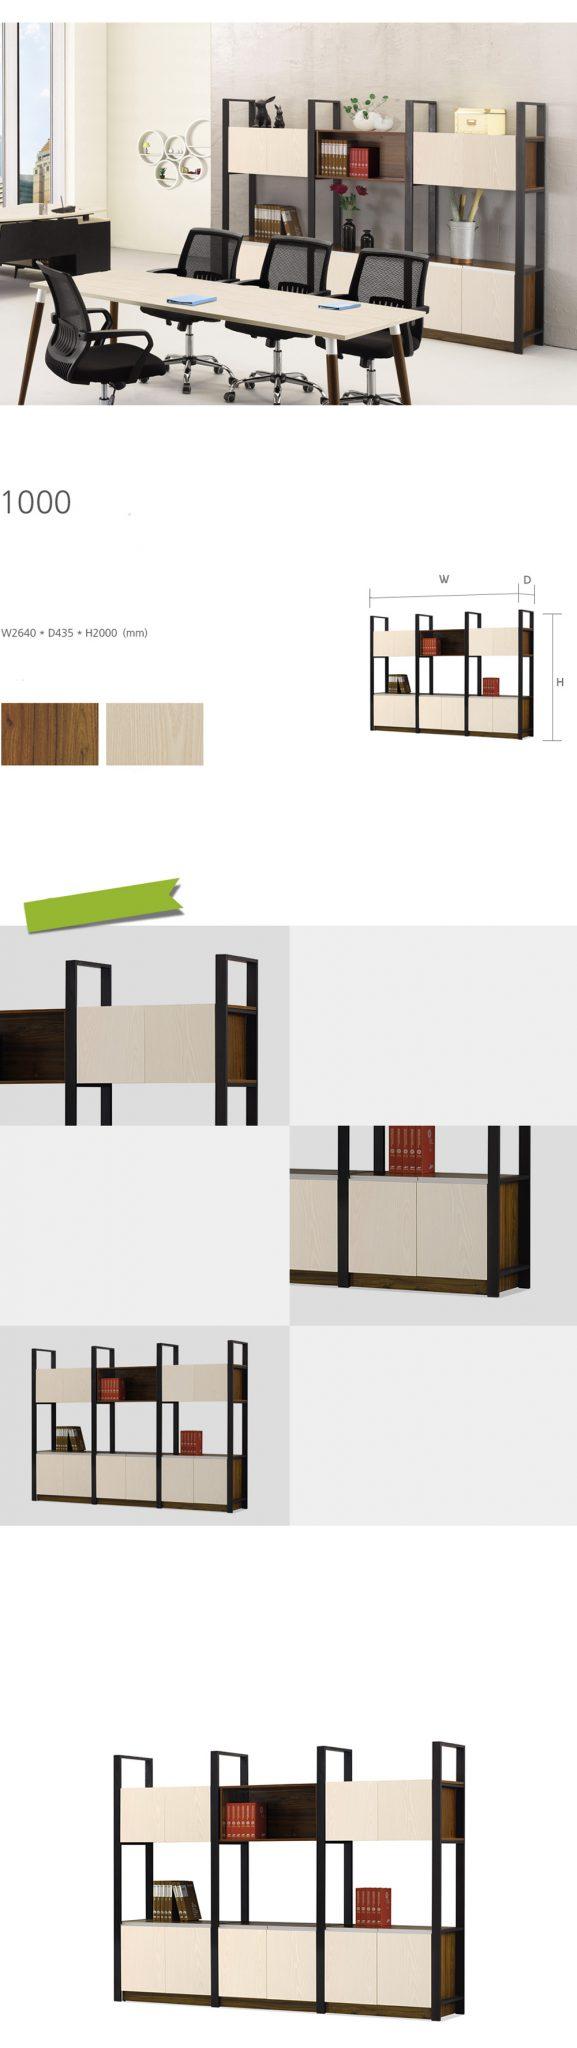 Nội thất kết hợp sắt và gỗ luôn được lựa chọn hàng đầu cho sự bền theo thời gian.